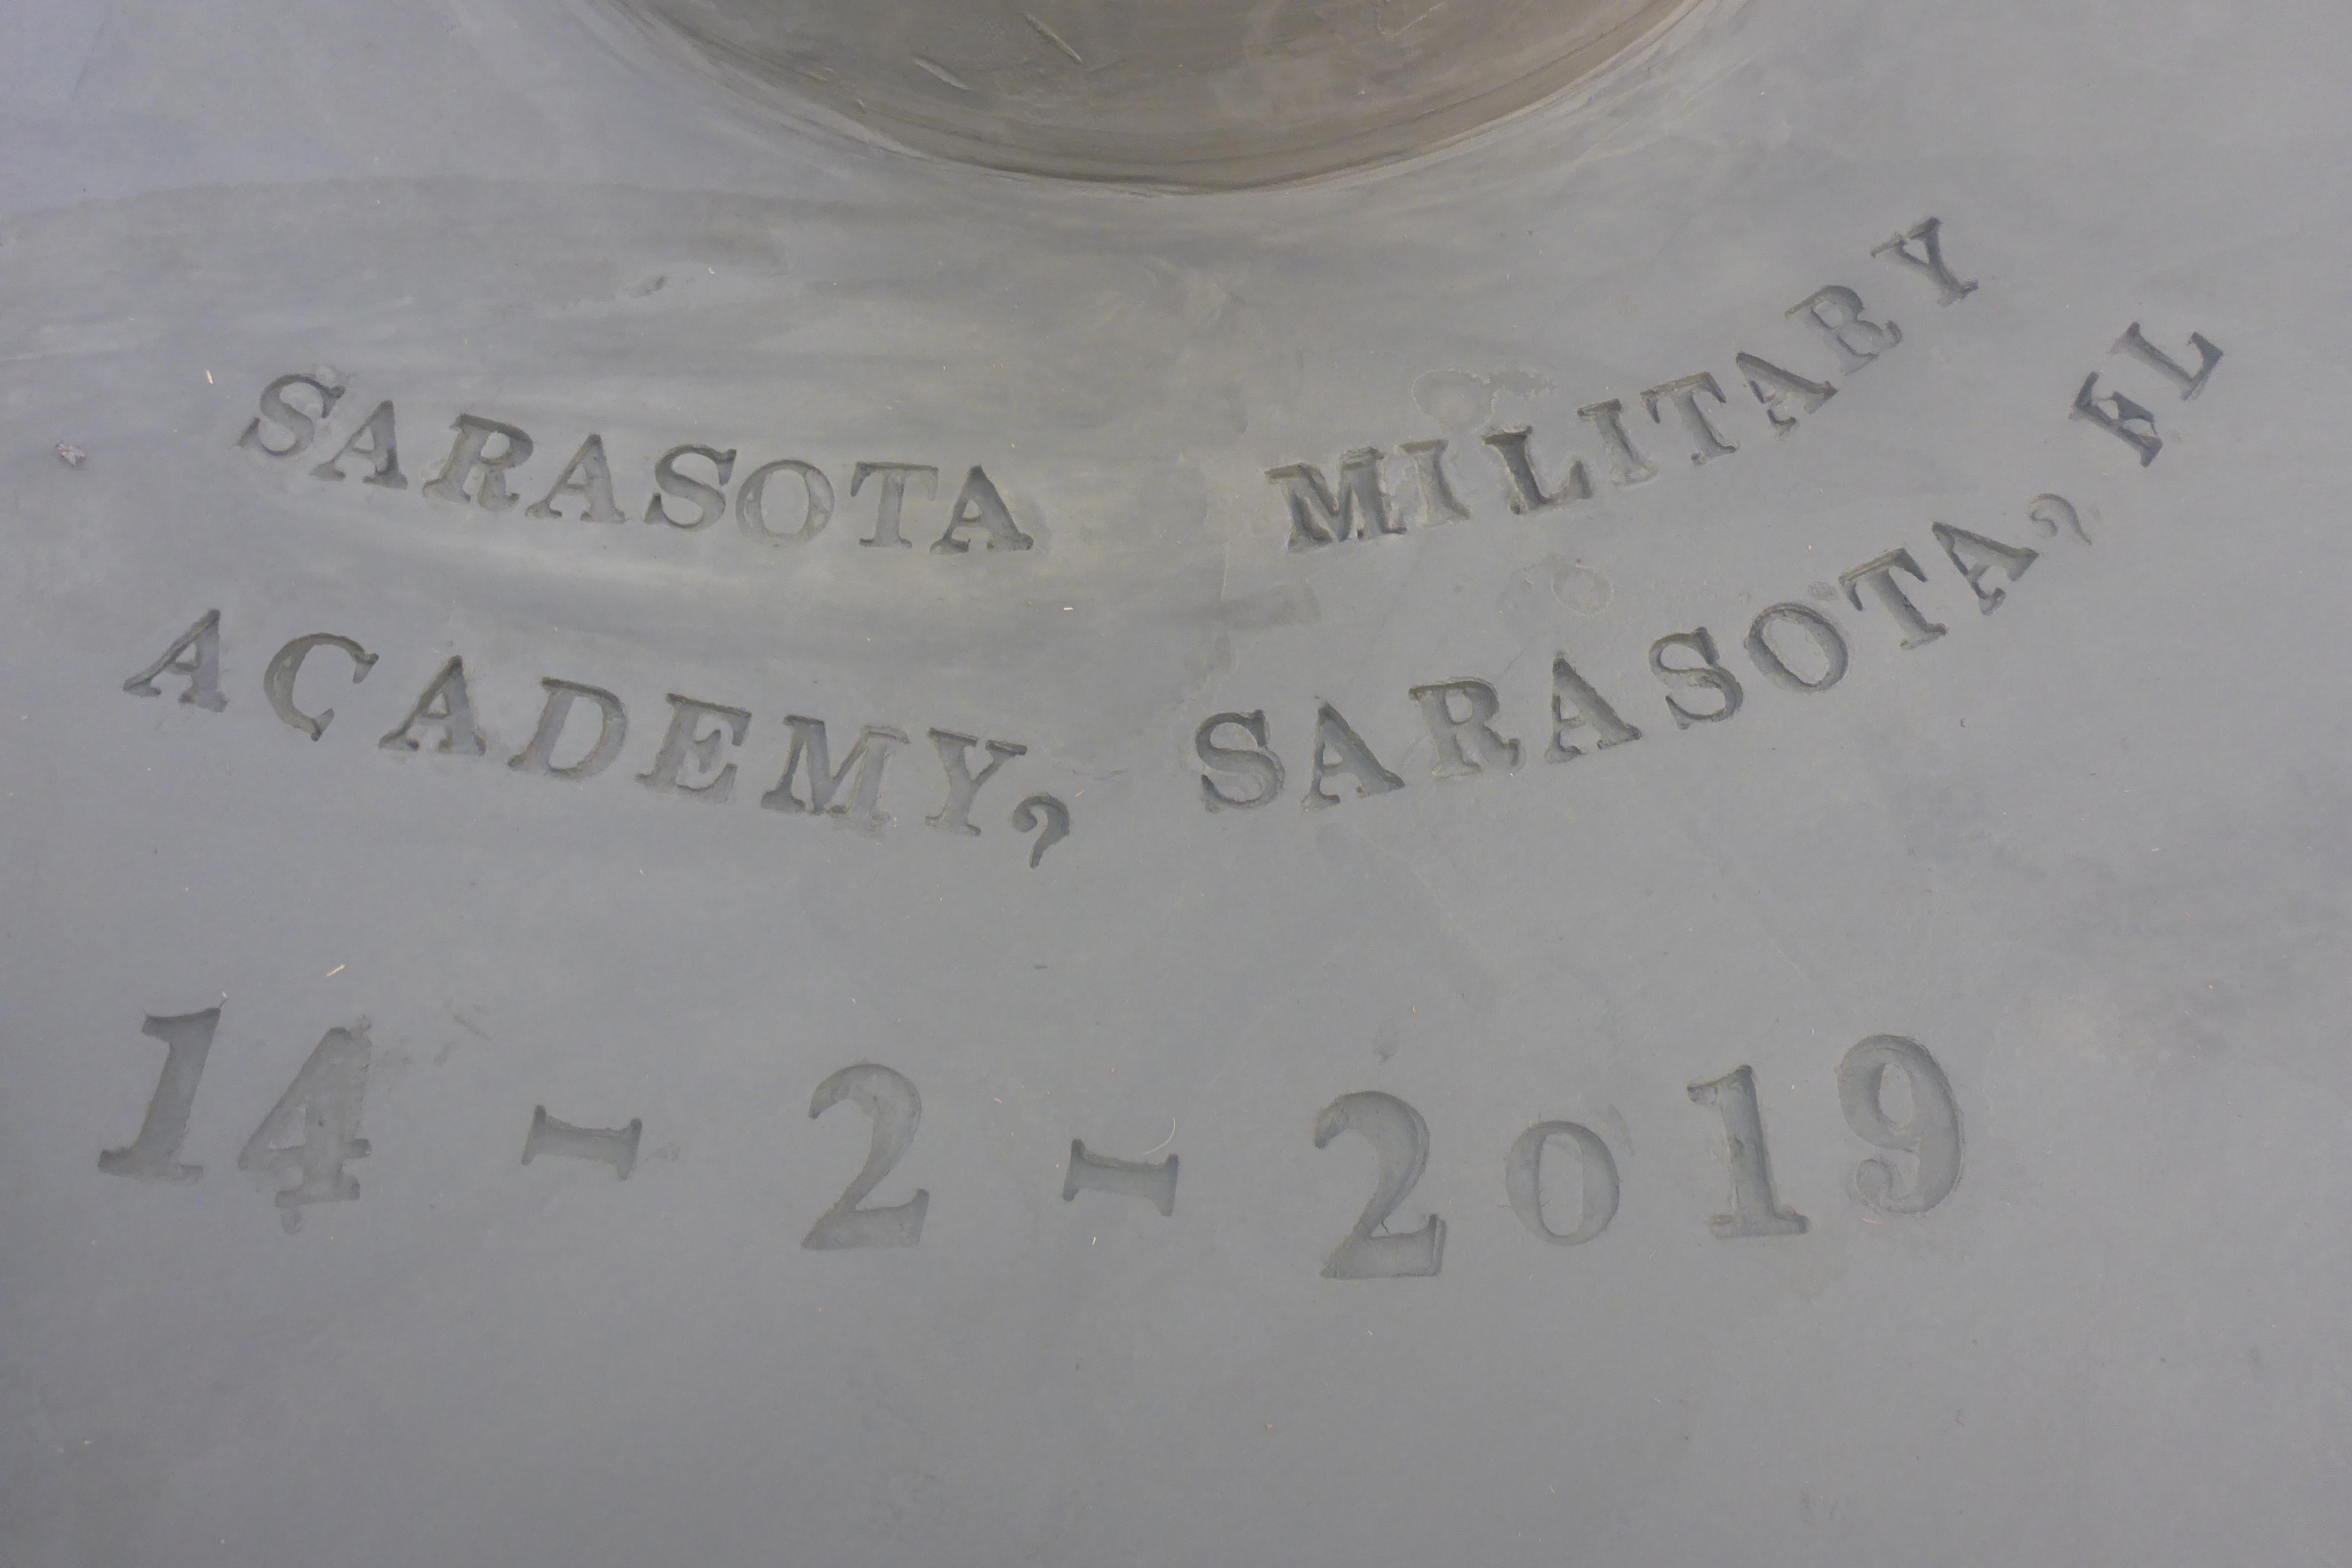 P1180034 Sarasota Military Academy v2